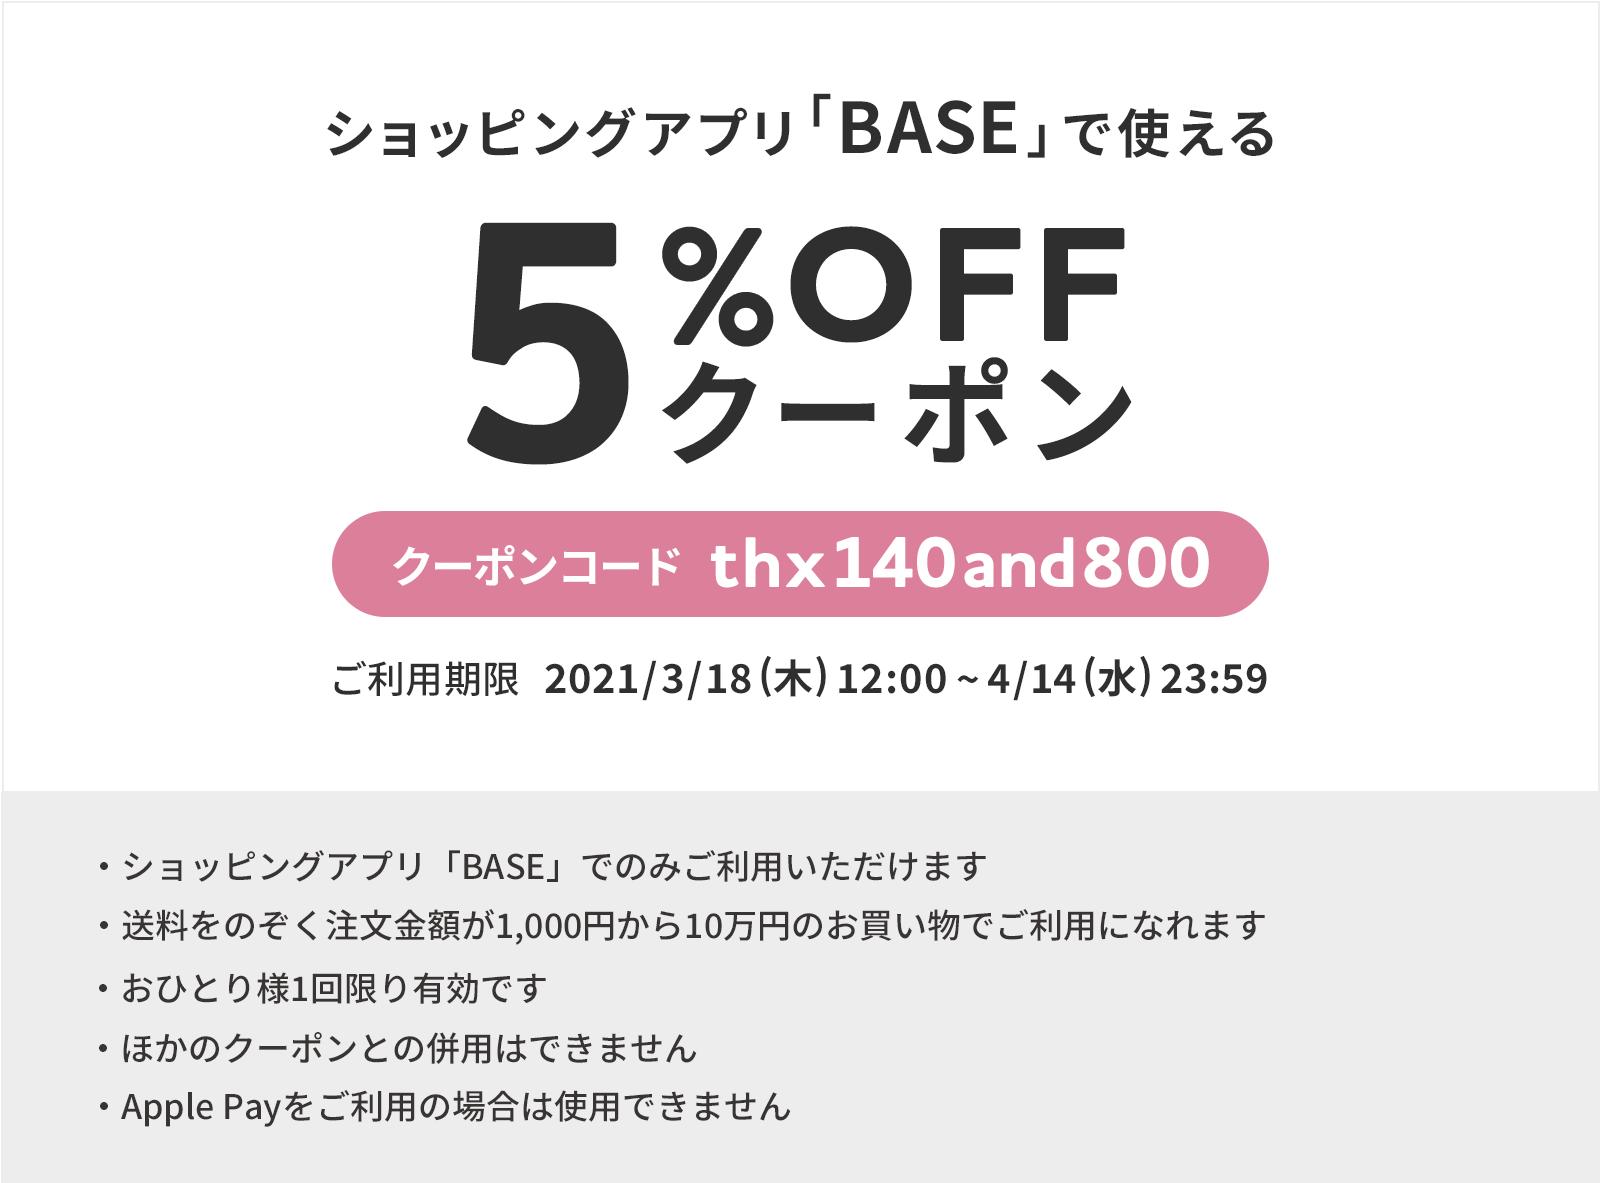 BASEより5%OFFクーポン券配布のお知らせ(〜4/14)